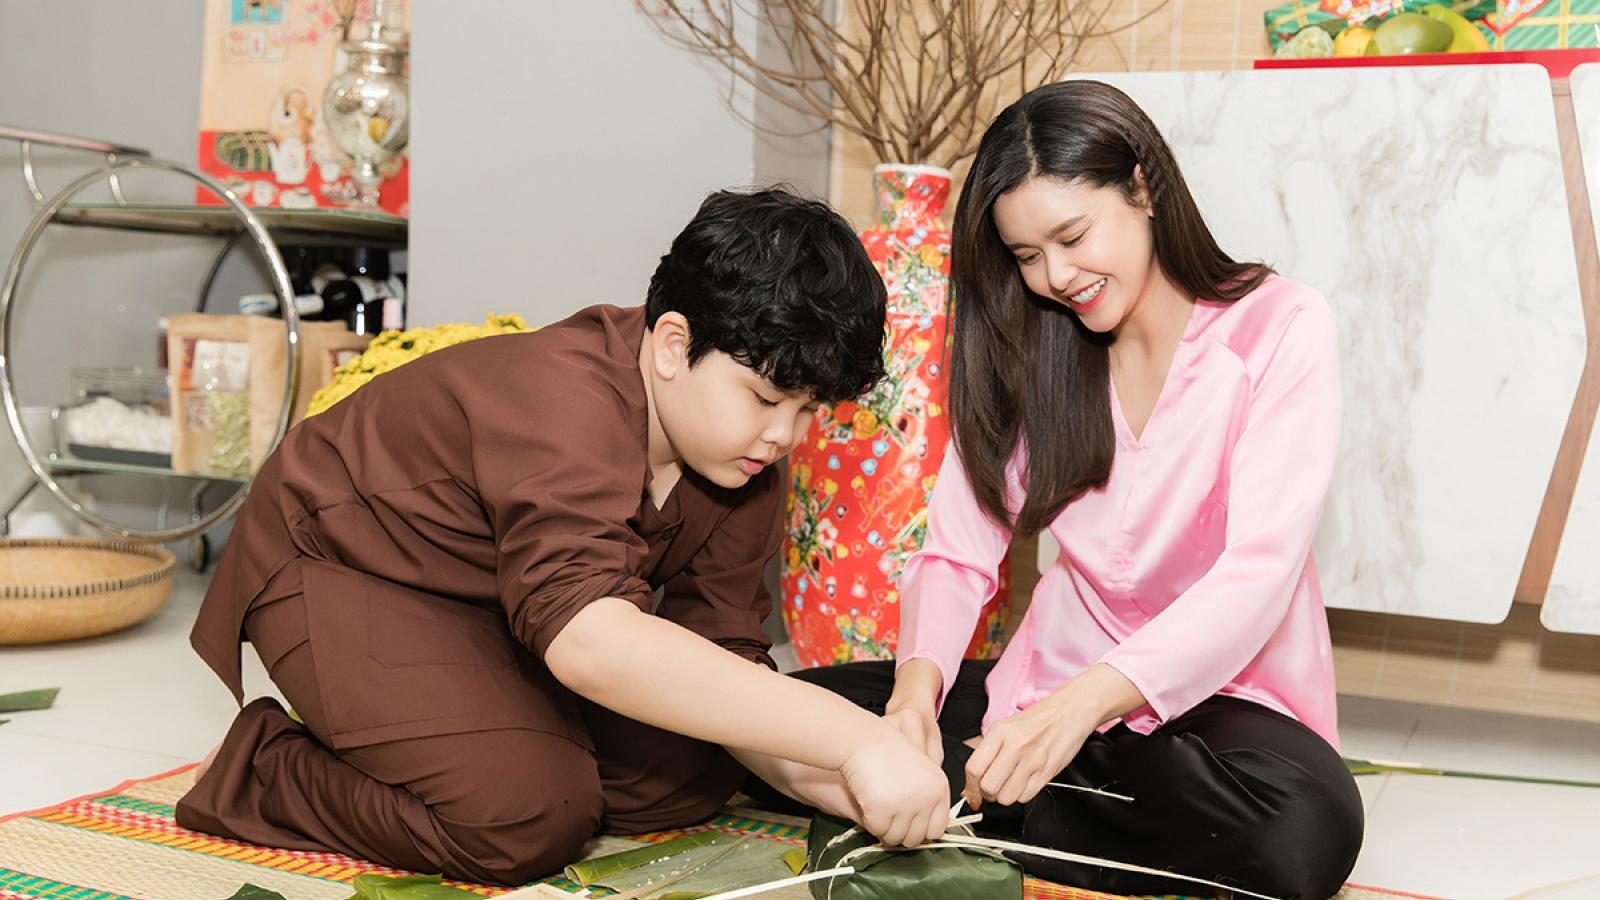 Trương Quỳnh Anh lần đầu cùng con trai Sushi gói bánh chưng mừng Tết Nguyên đán